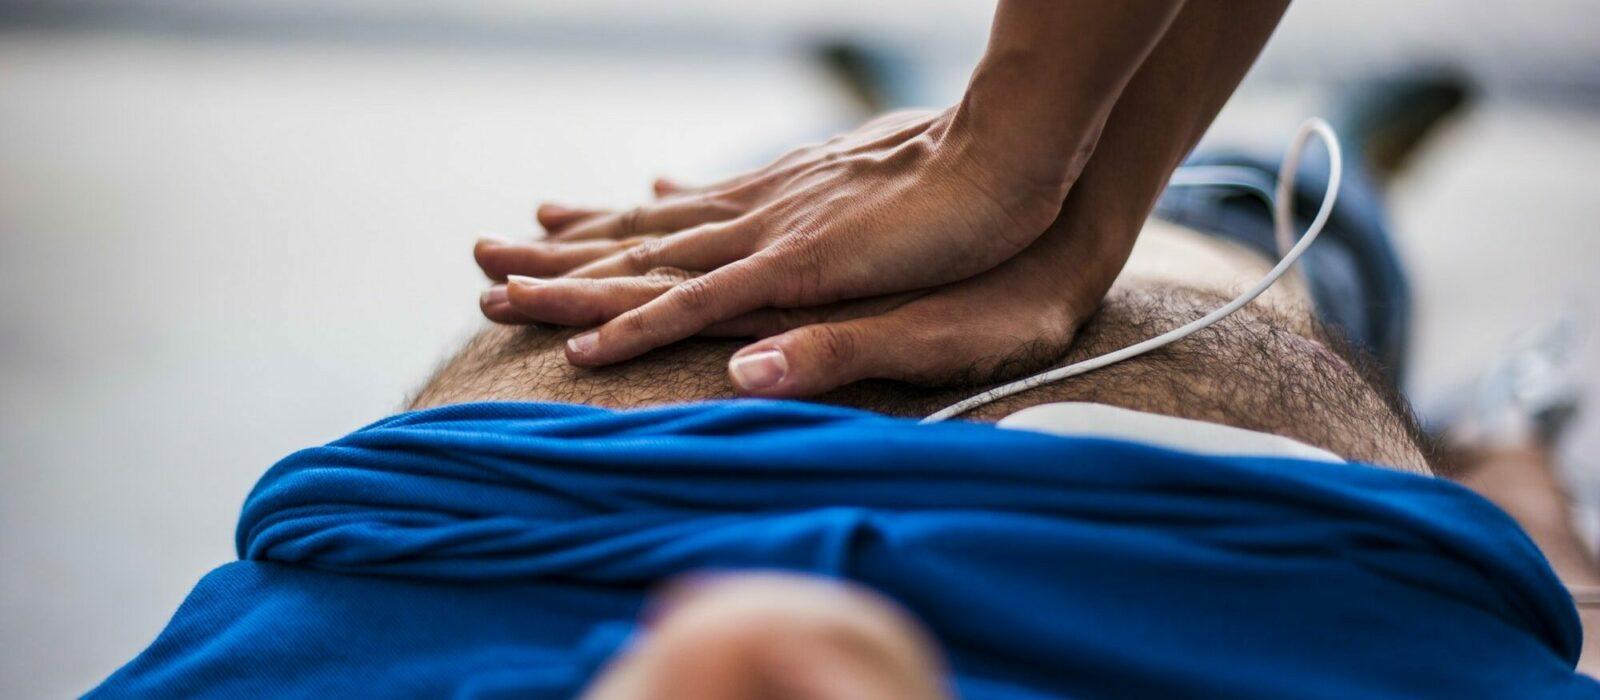 Symbolbild Patientenverfügung zeigt einen Menschen, der eine Herzdruckmassage ausführt